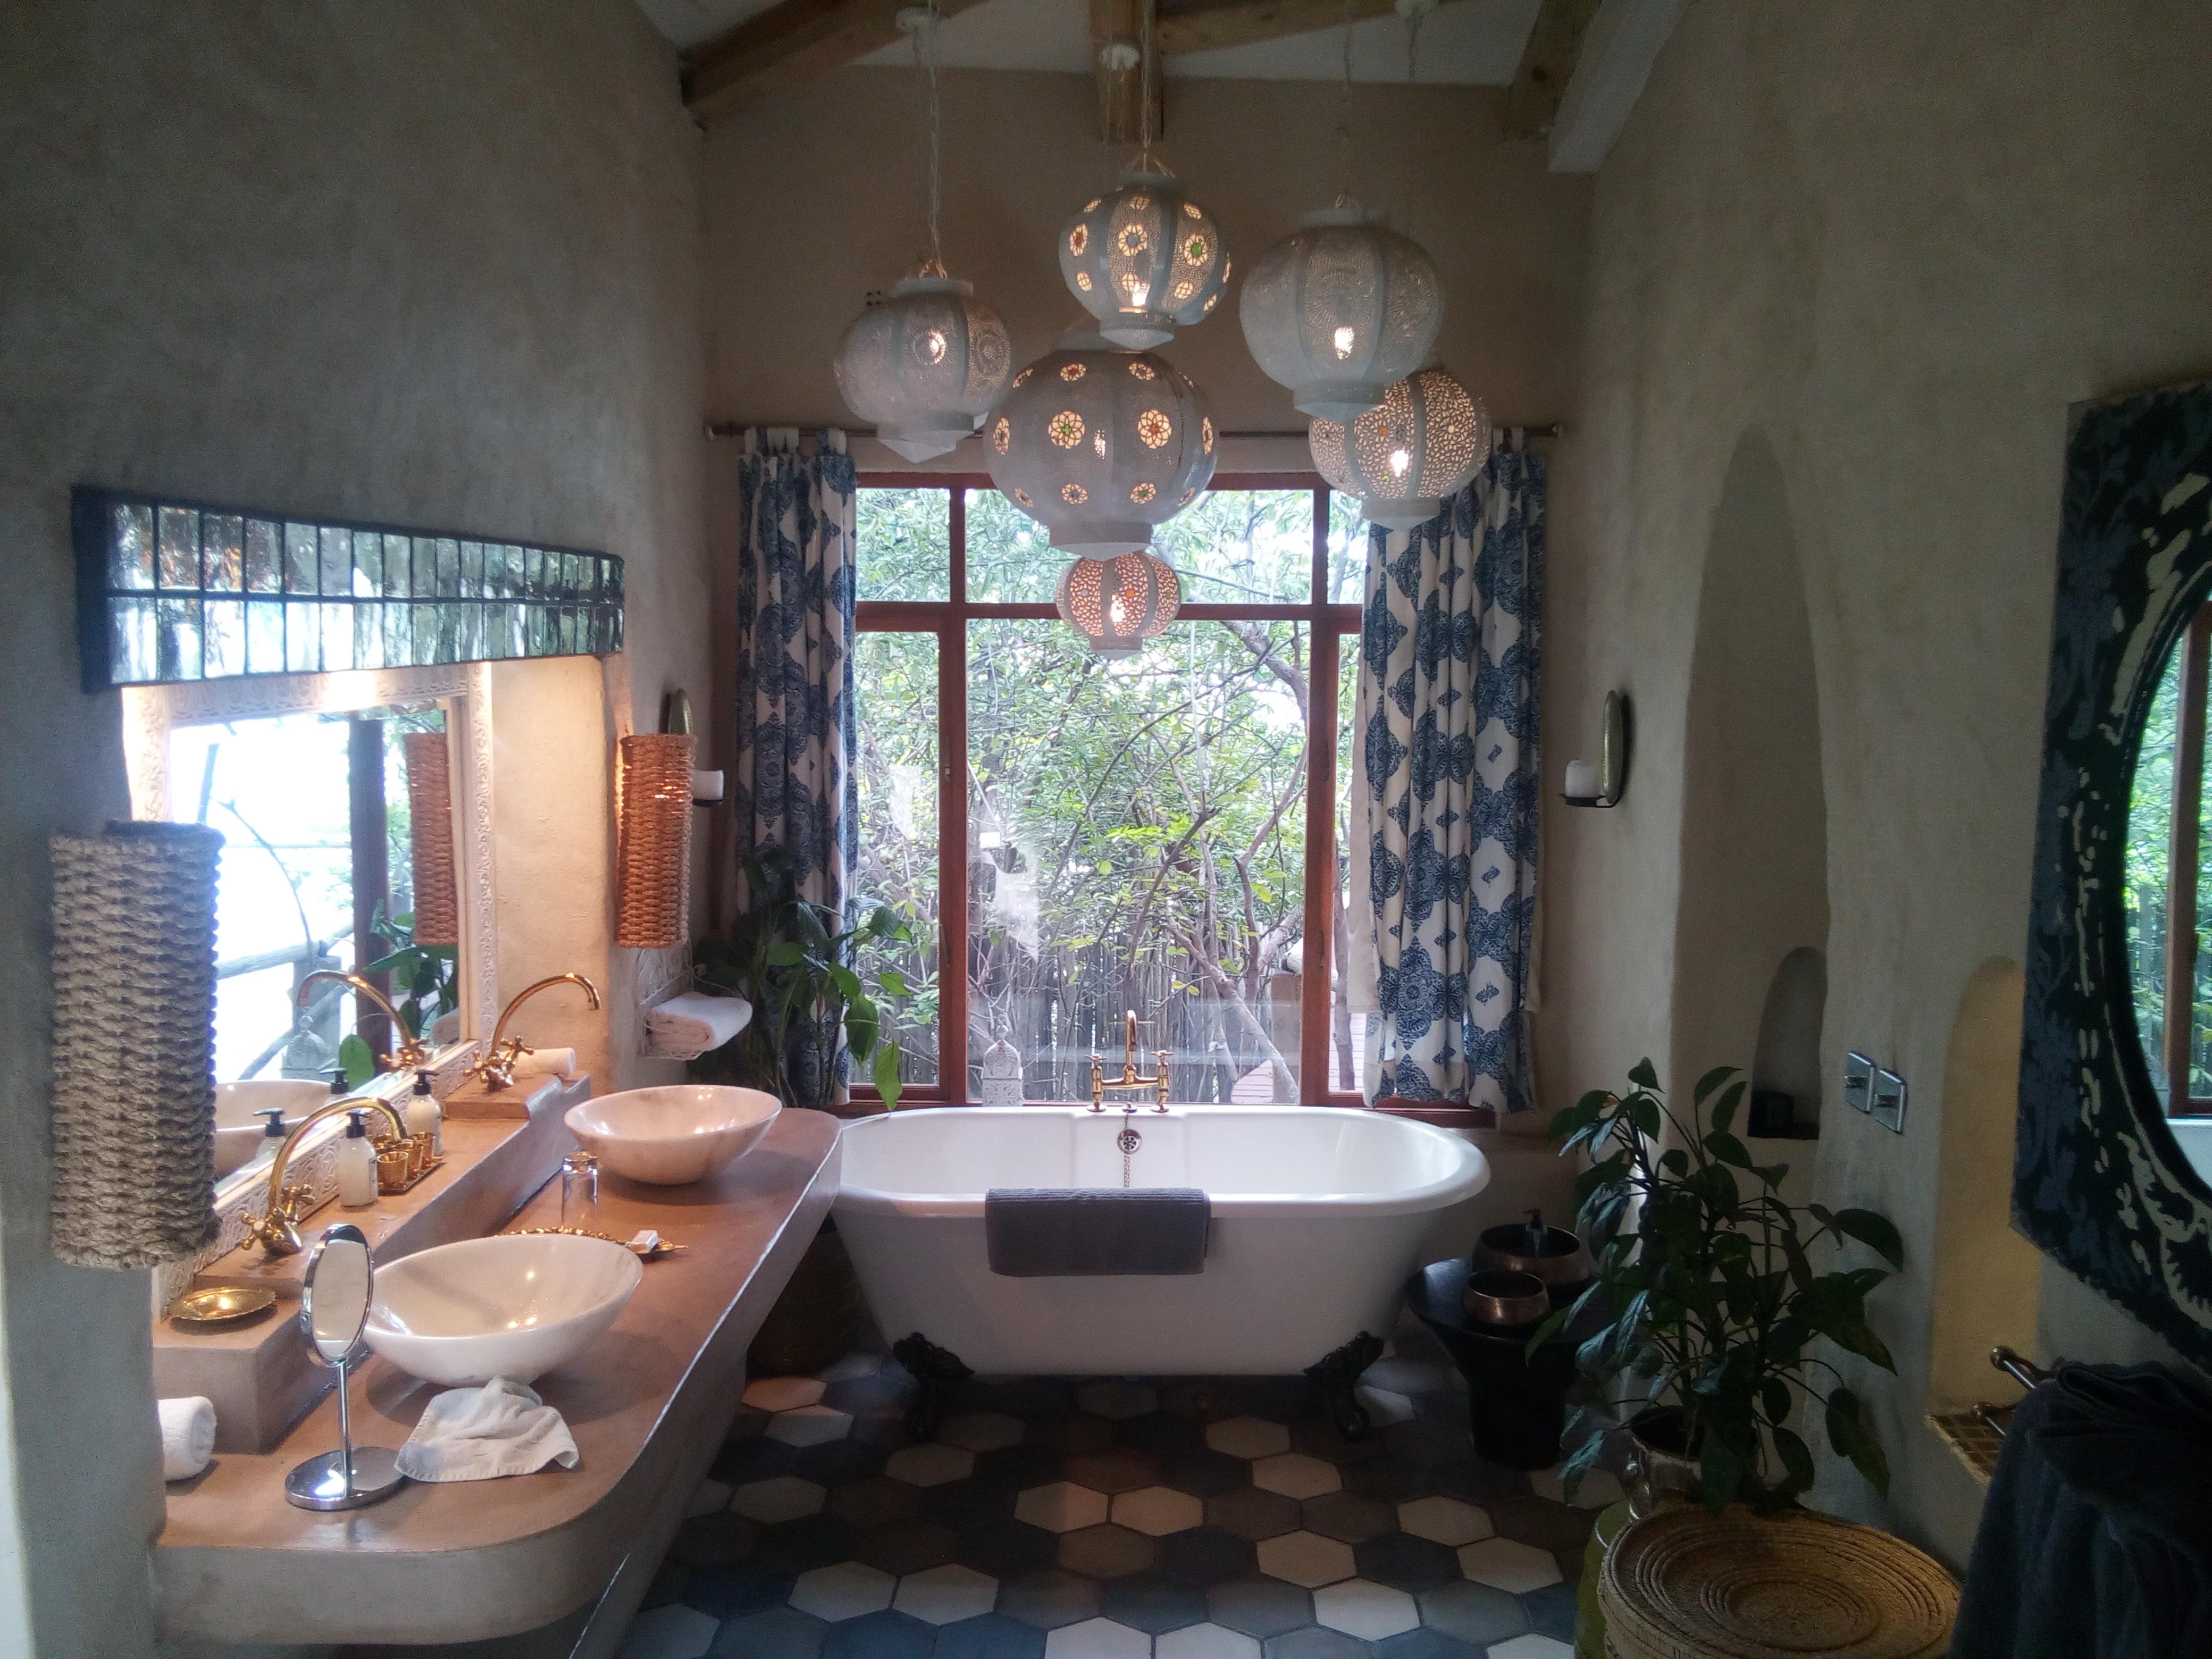 The Nuthouse Bathroom